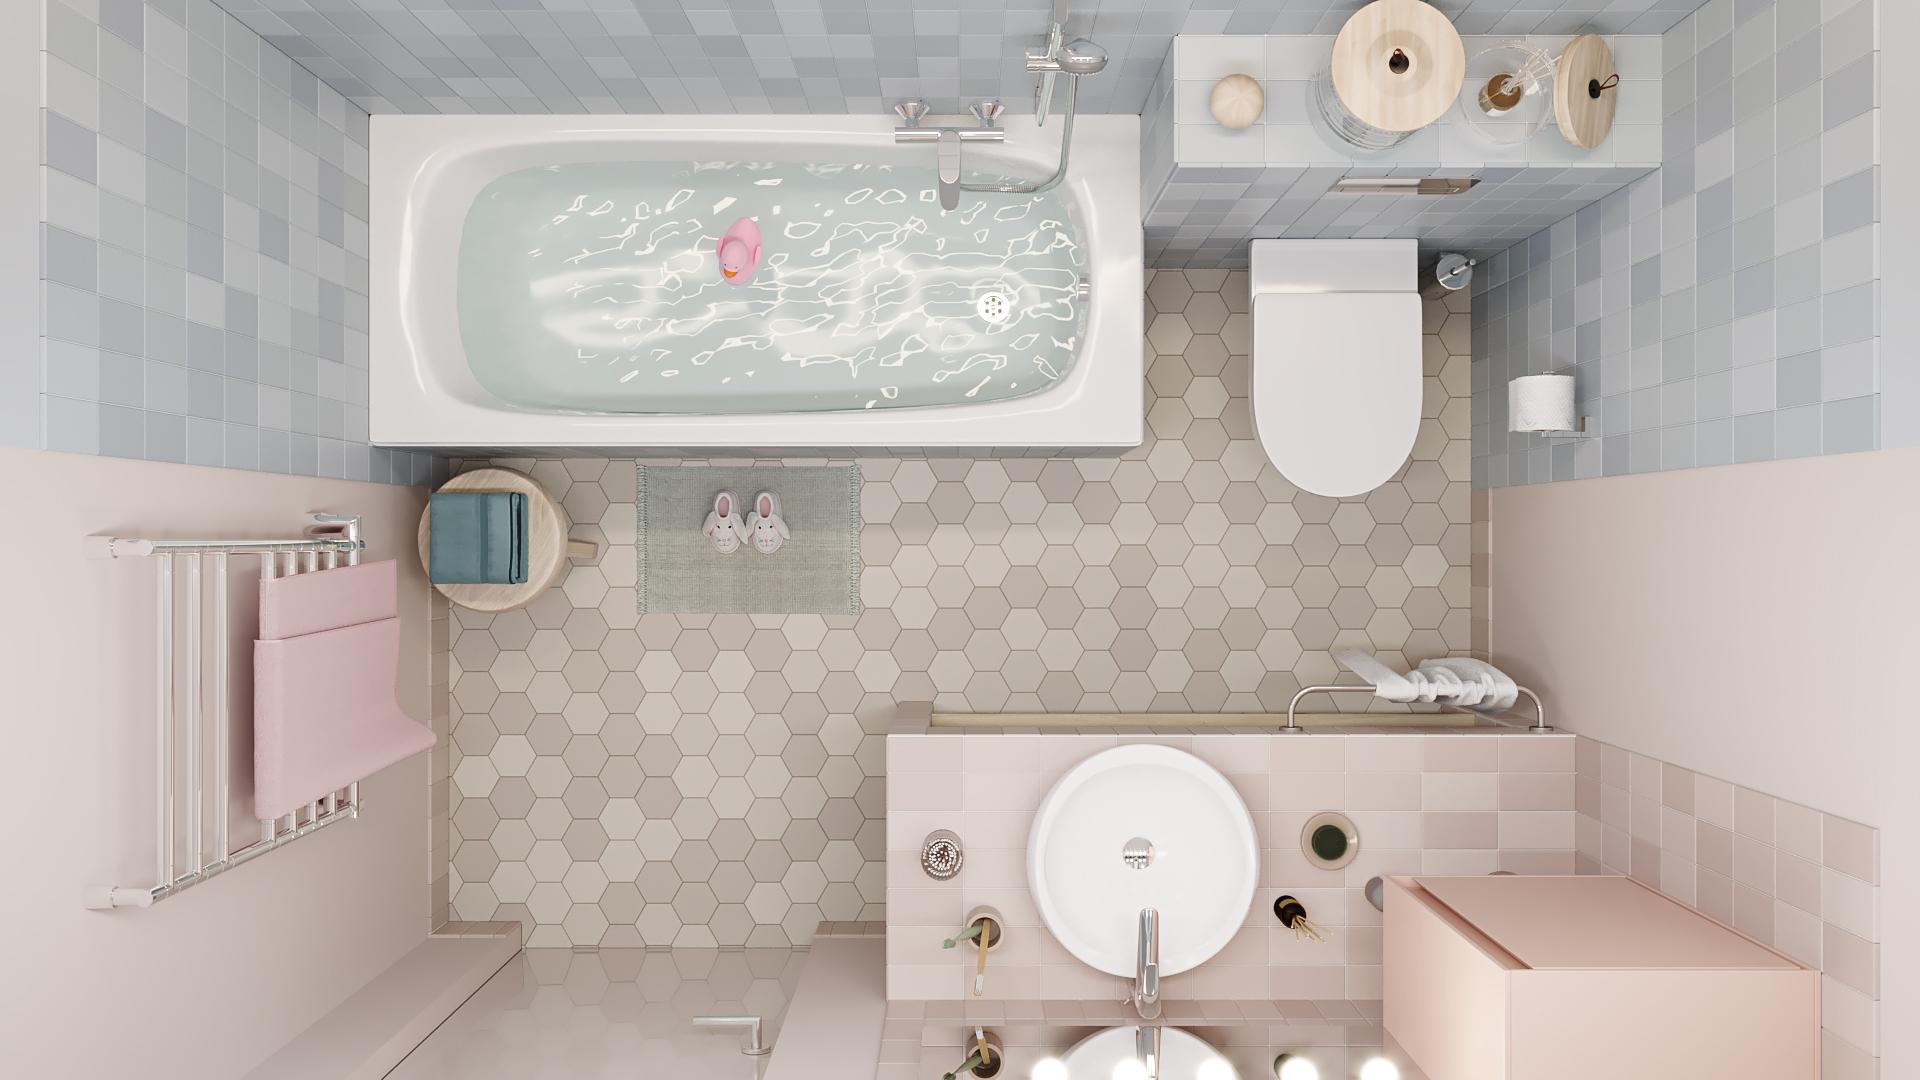 фото:Наше небольшое пространство детской ванной комнаты имеет оригинальный цветовой прием - пространство поделено цветом на два части